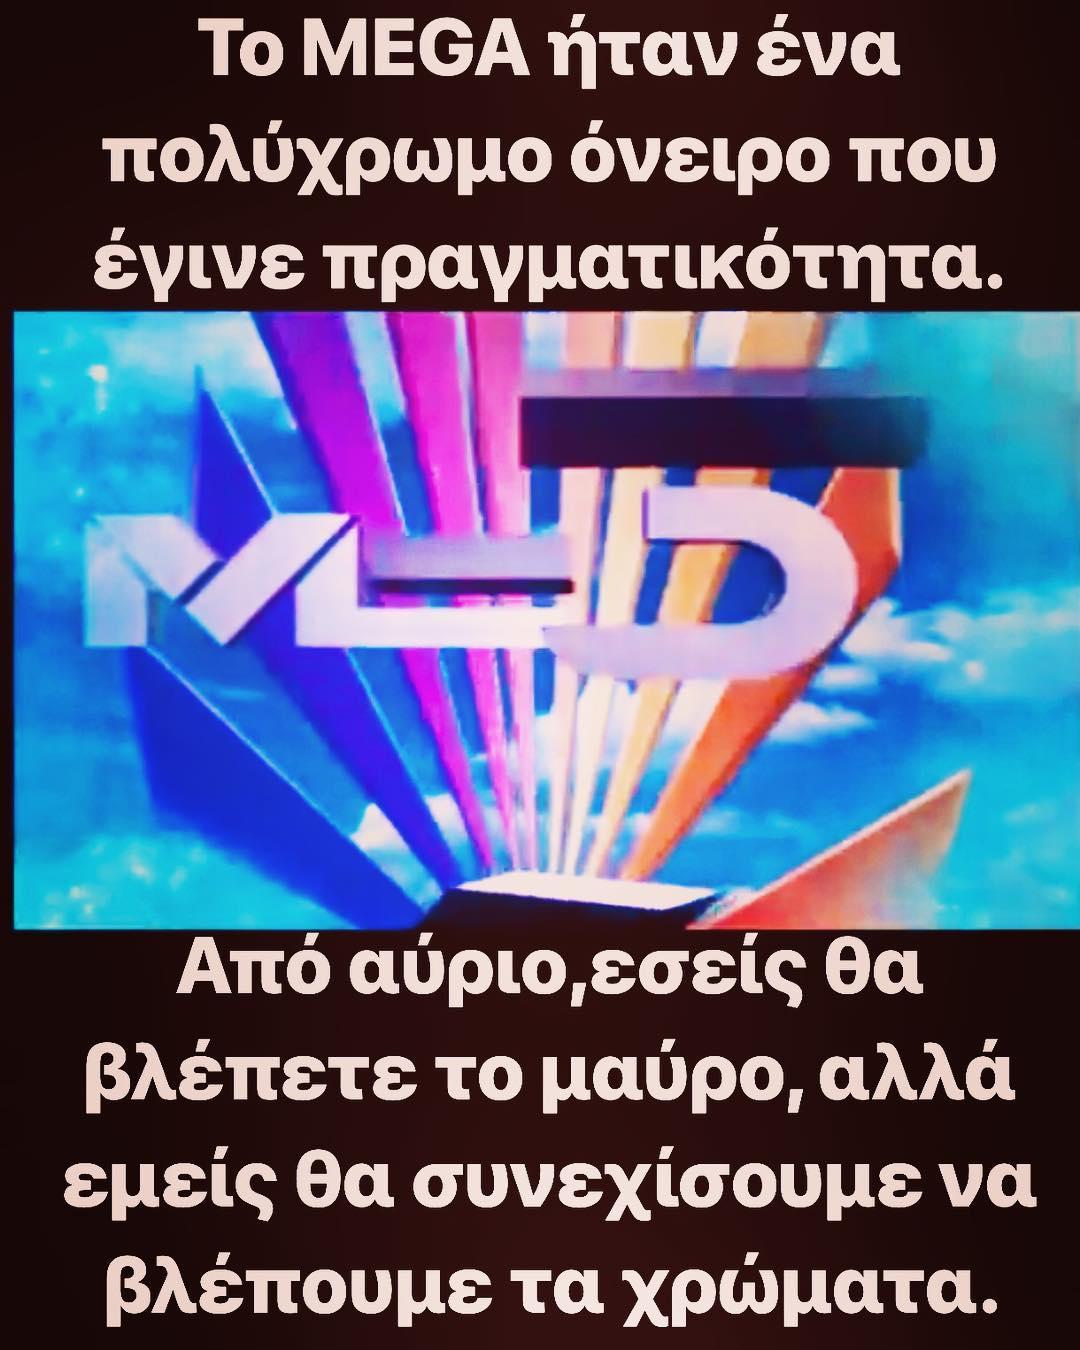 Mega: Τα συγκινητικά λόγια γνωστού παρουσιαστή για το μαύρο στο κανάλι | tlife.gr